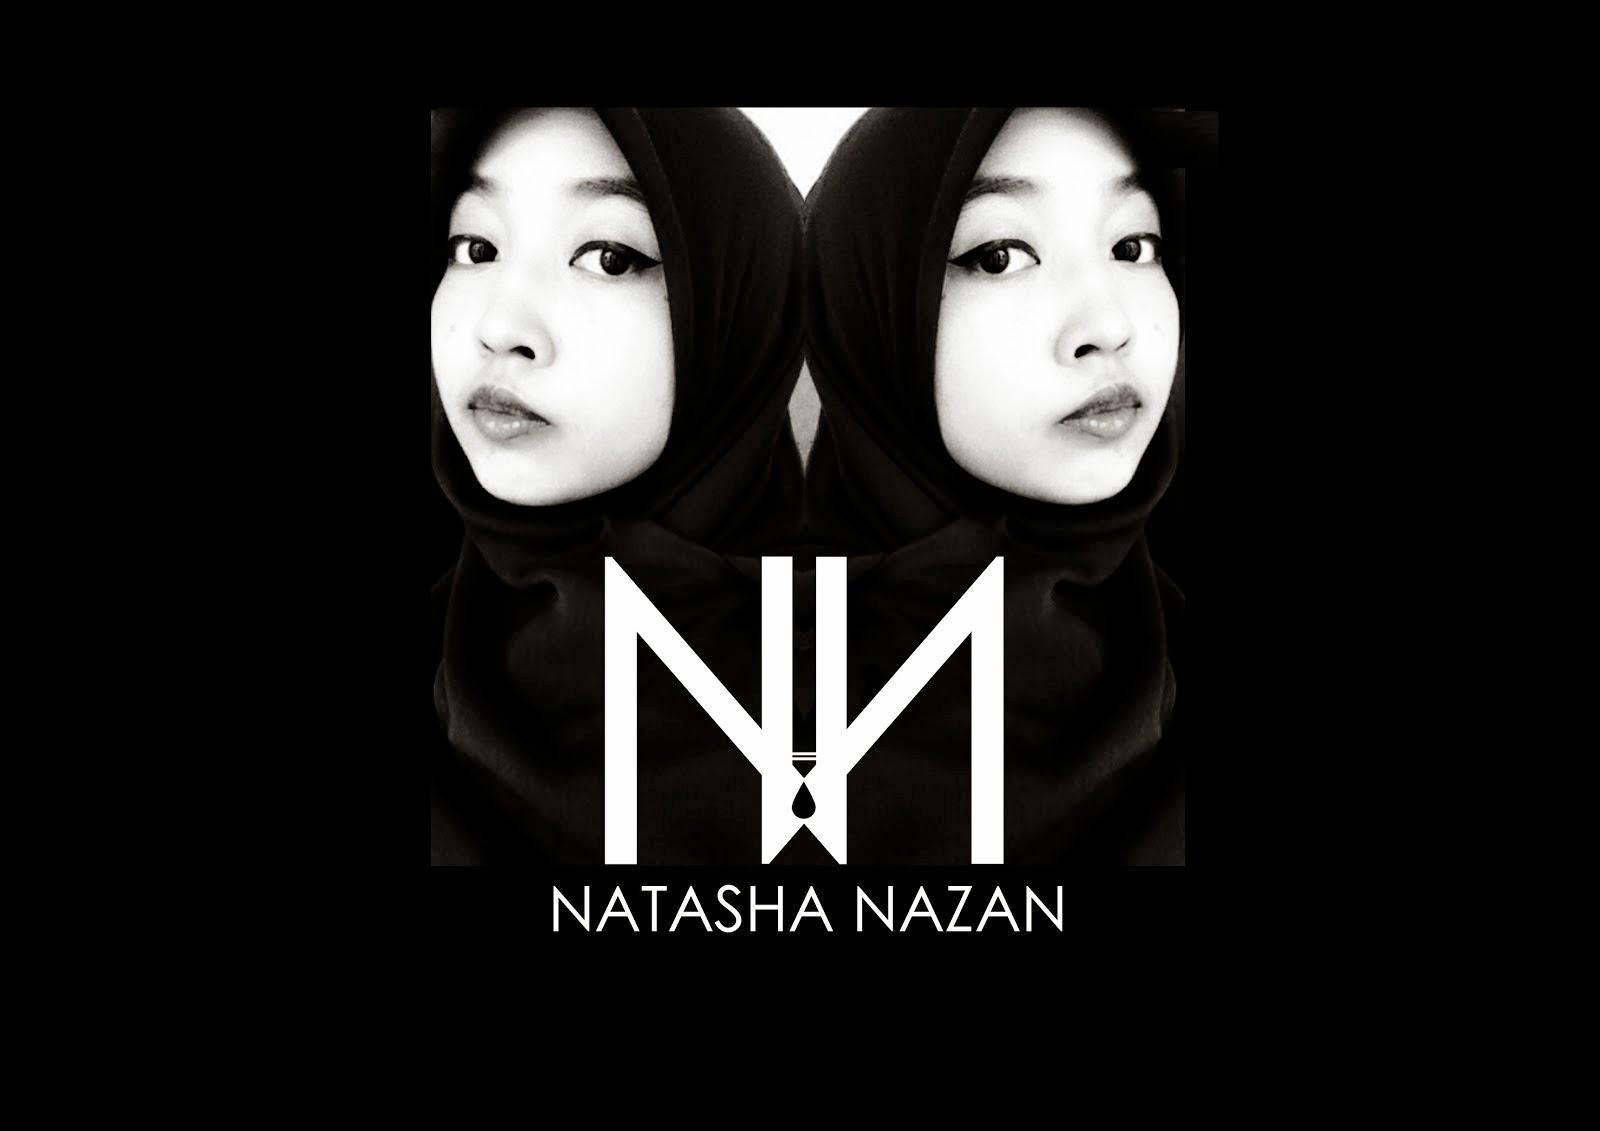 NATASHA NAZAN